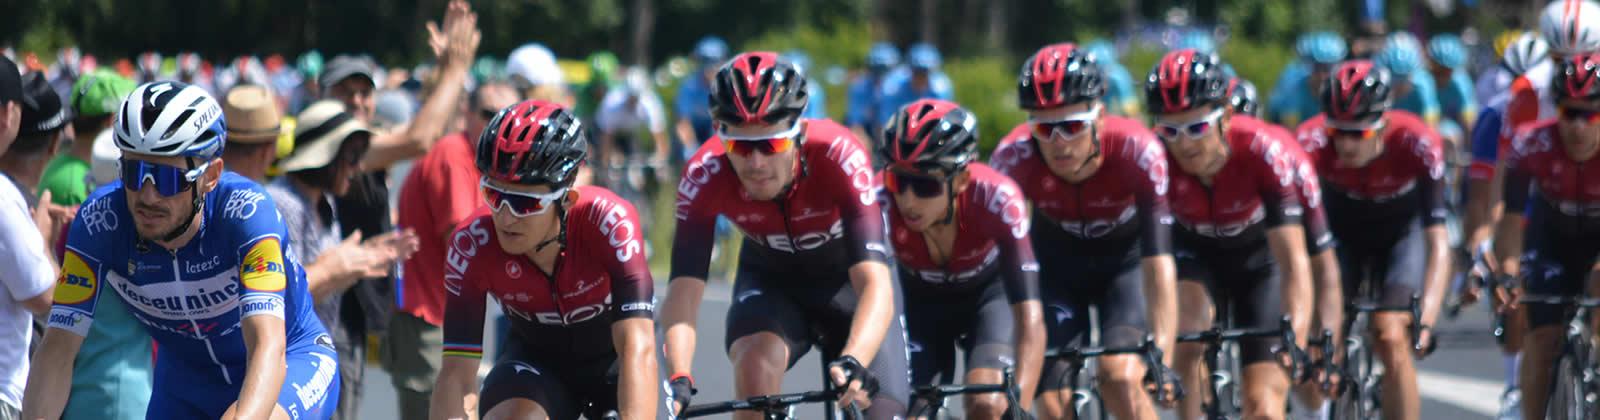 Tour de France 2019 près de Merle Leignec